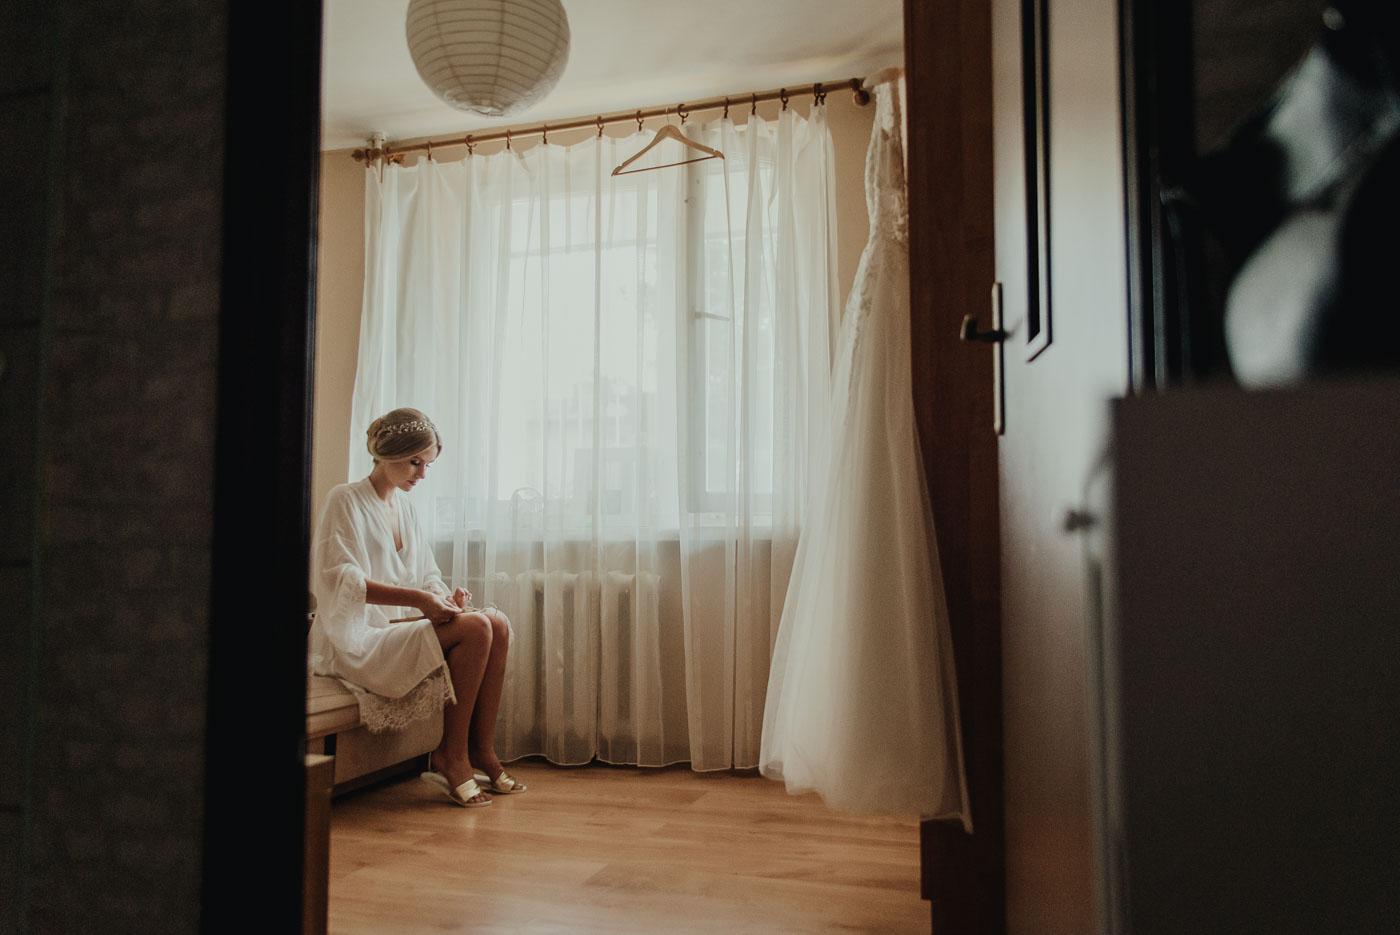 przygotowania Panny Młodej fotograf ślubny Wyszków Duet Fotografów Ślubnych Warszawa Duet Fotografów Wyszków fotografia ślubna Długosiodło fotograf naślub